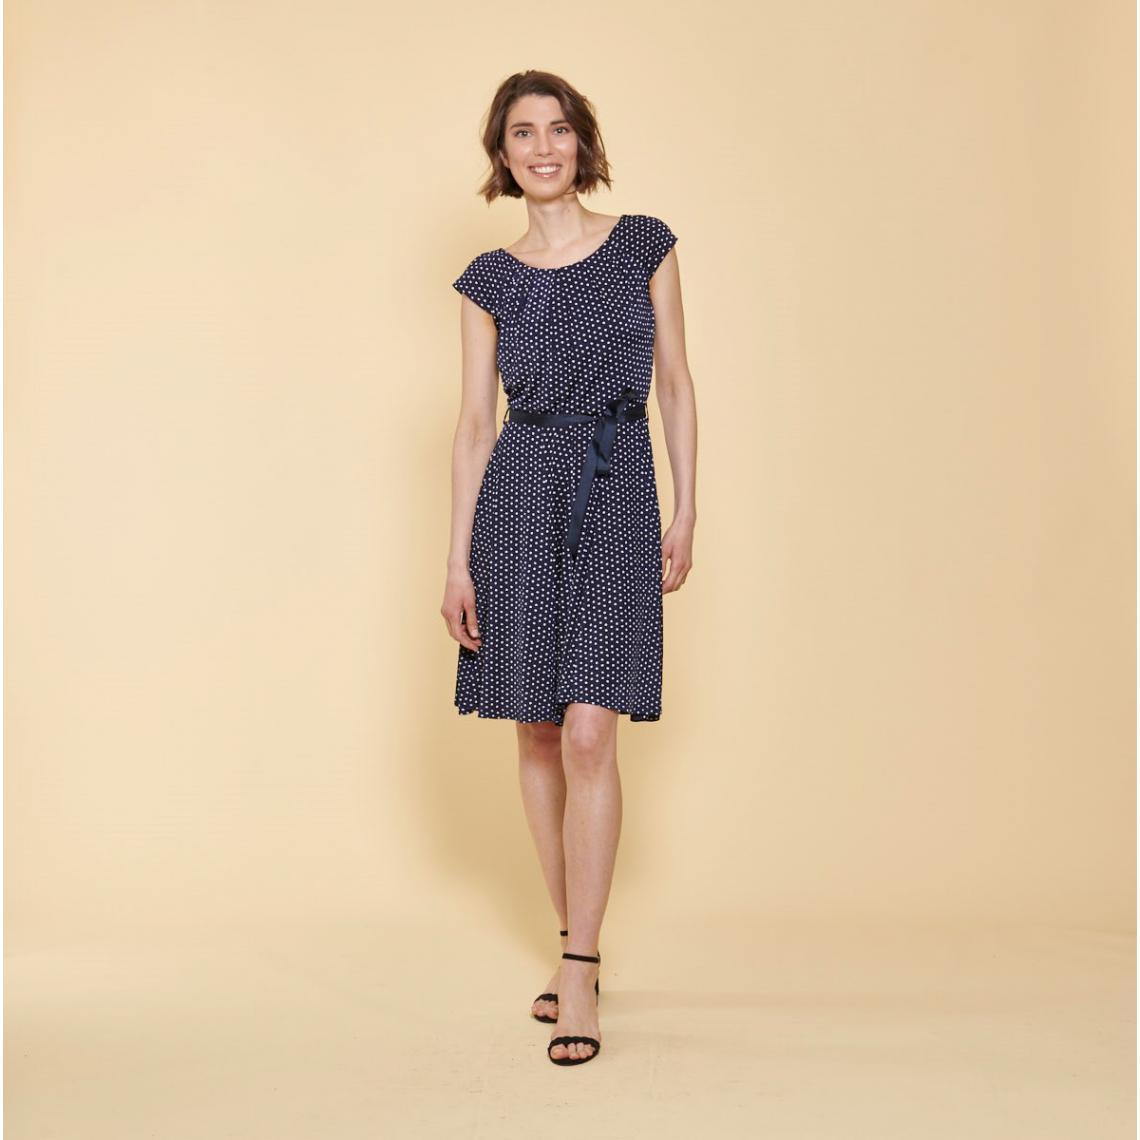 785c57494c8 Robe fluide ceinturée imprimée pois 3 SUISSES Collection Femme